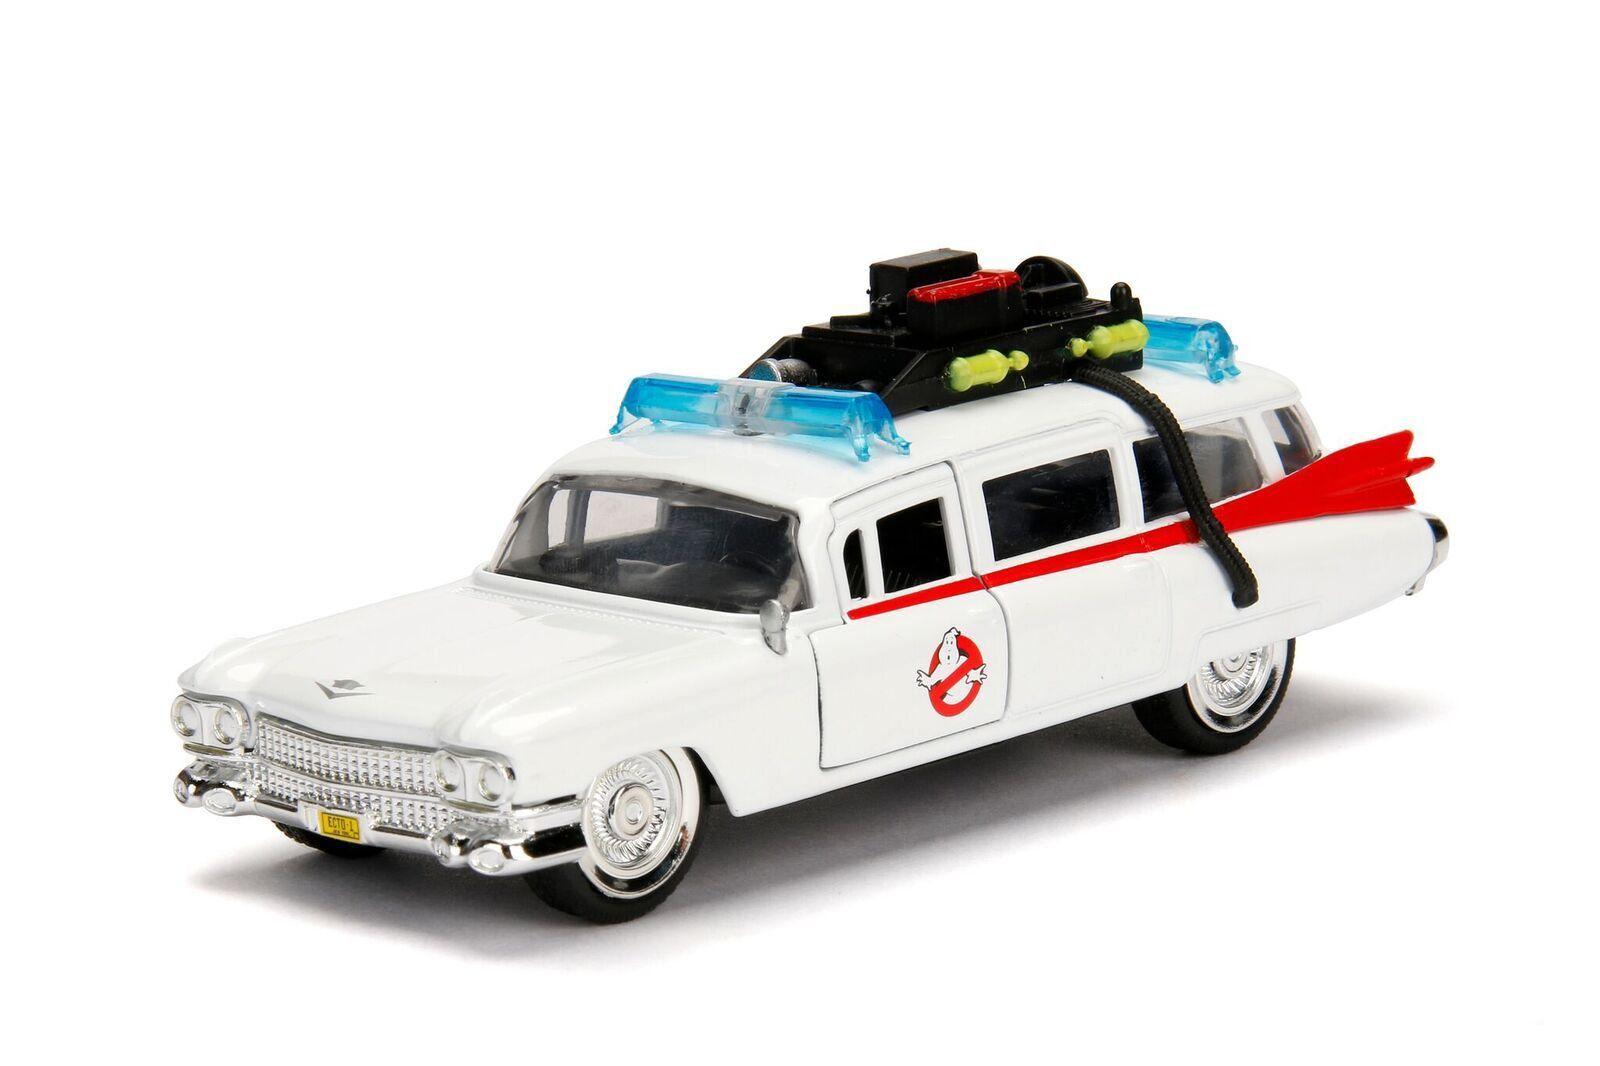 Metals Die Cast Ecto-1: Os Caça-Fantasmas (Ghostbusters) Escala 1/32 - DTC